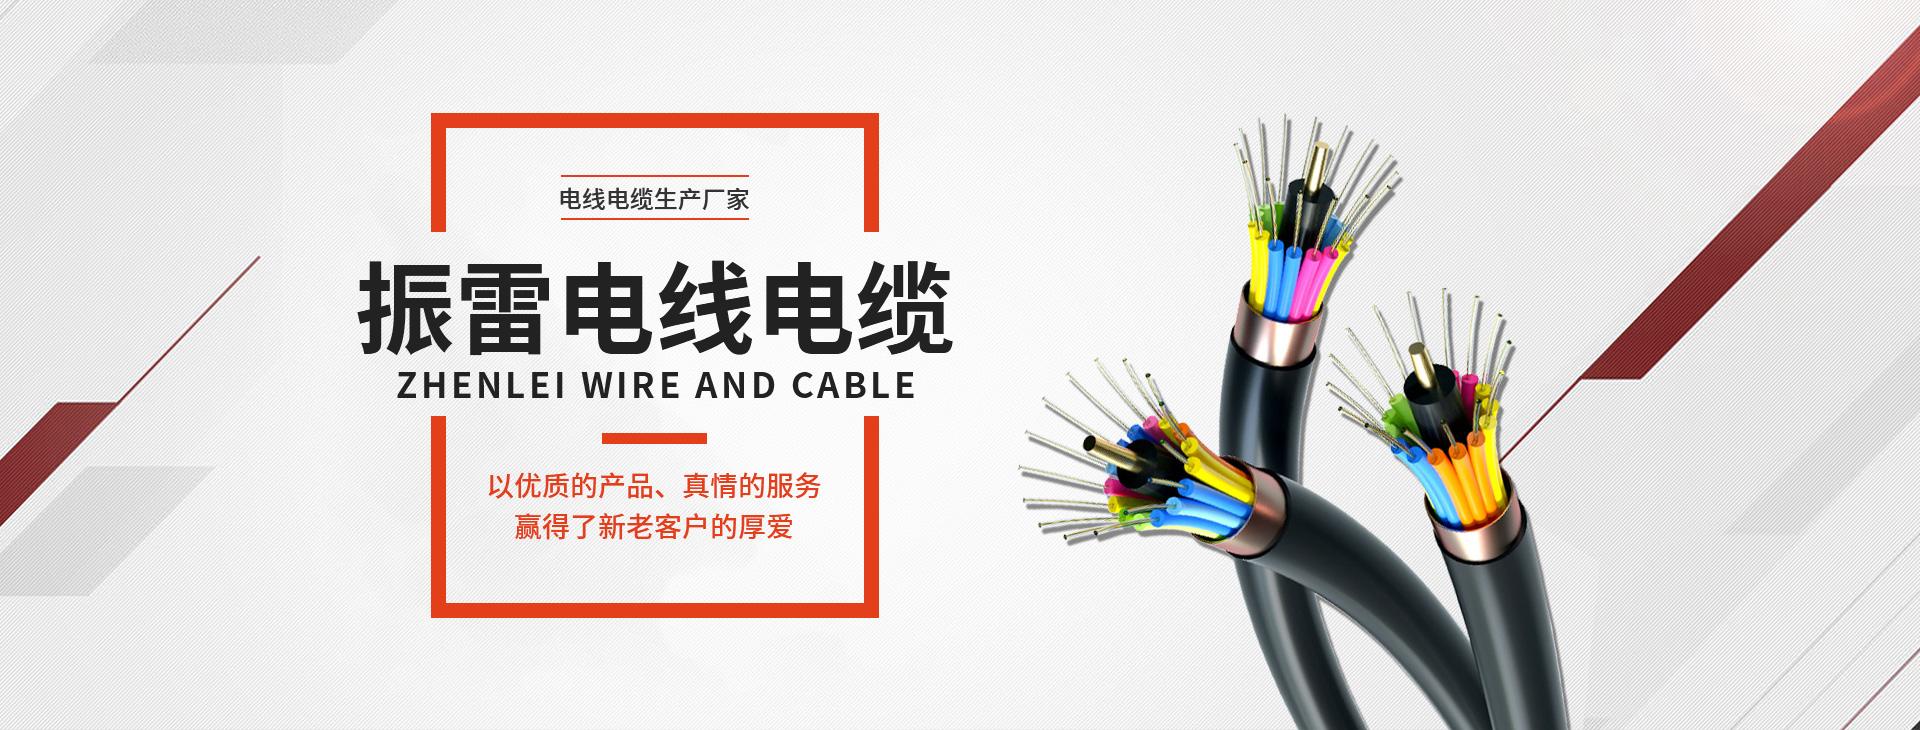 苏州电线电缆